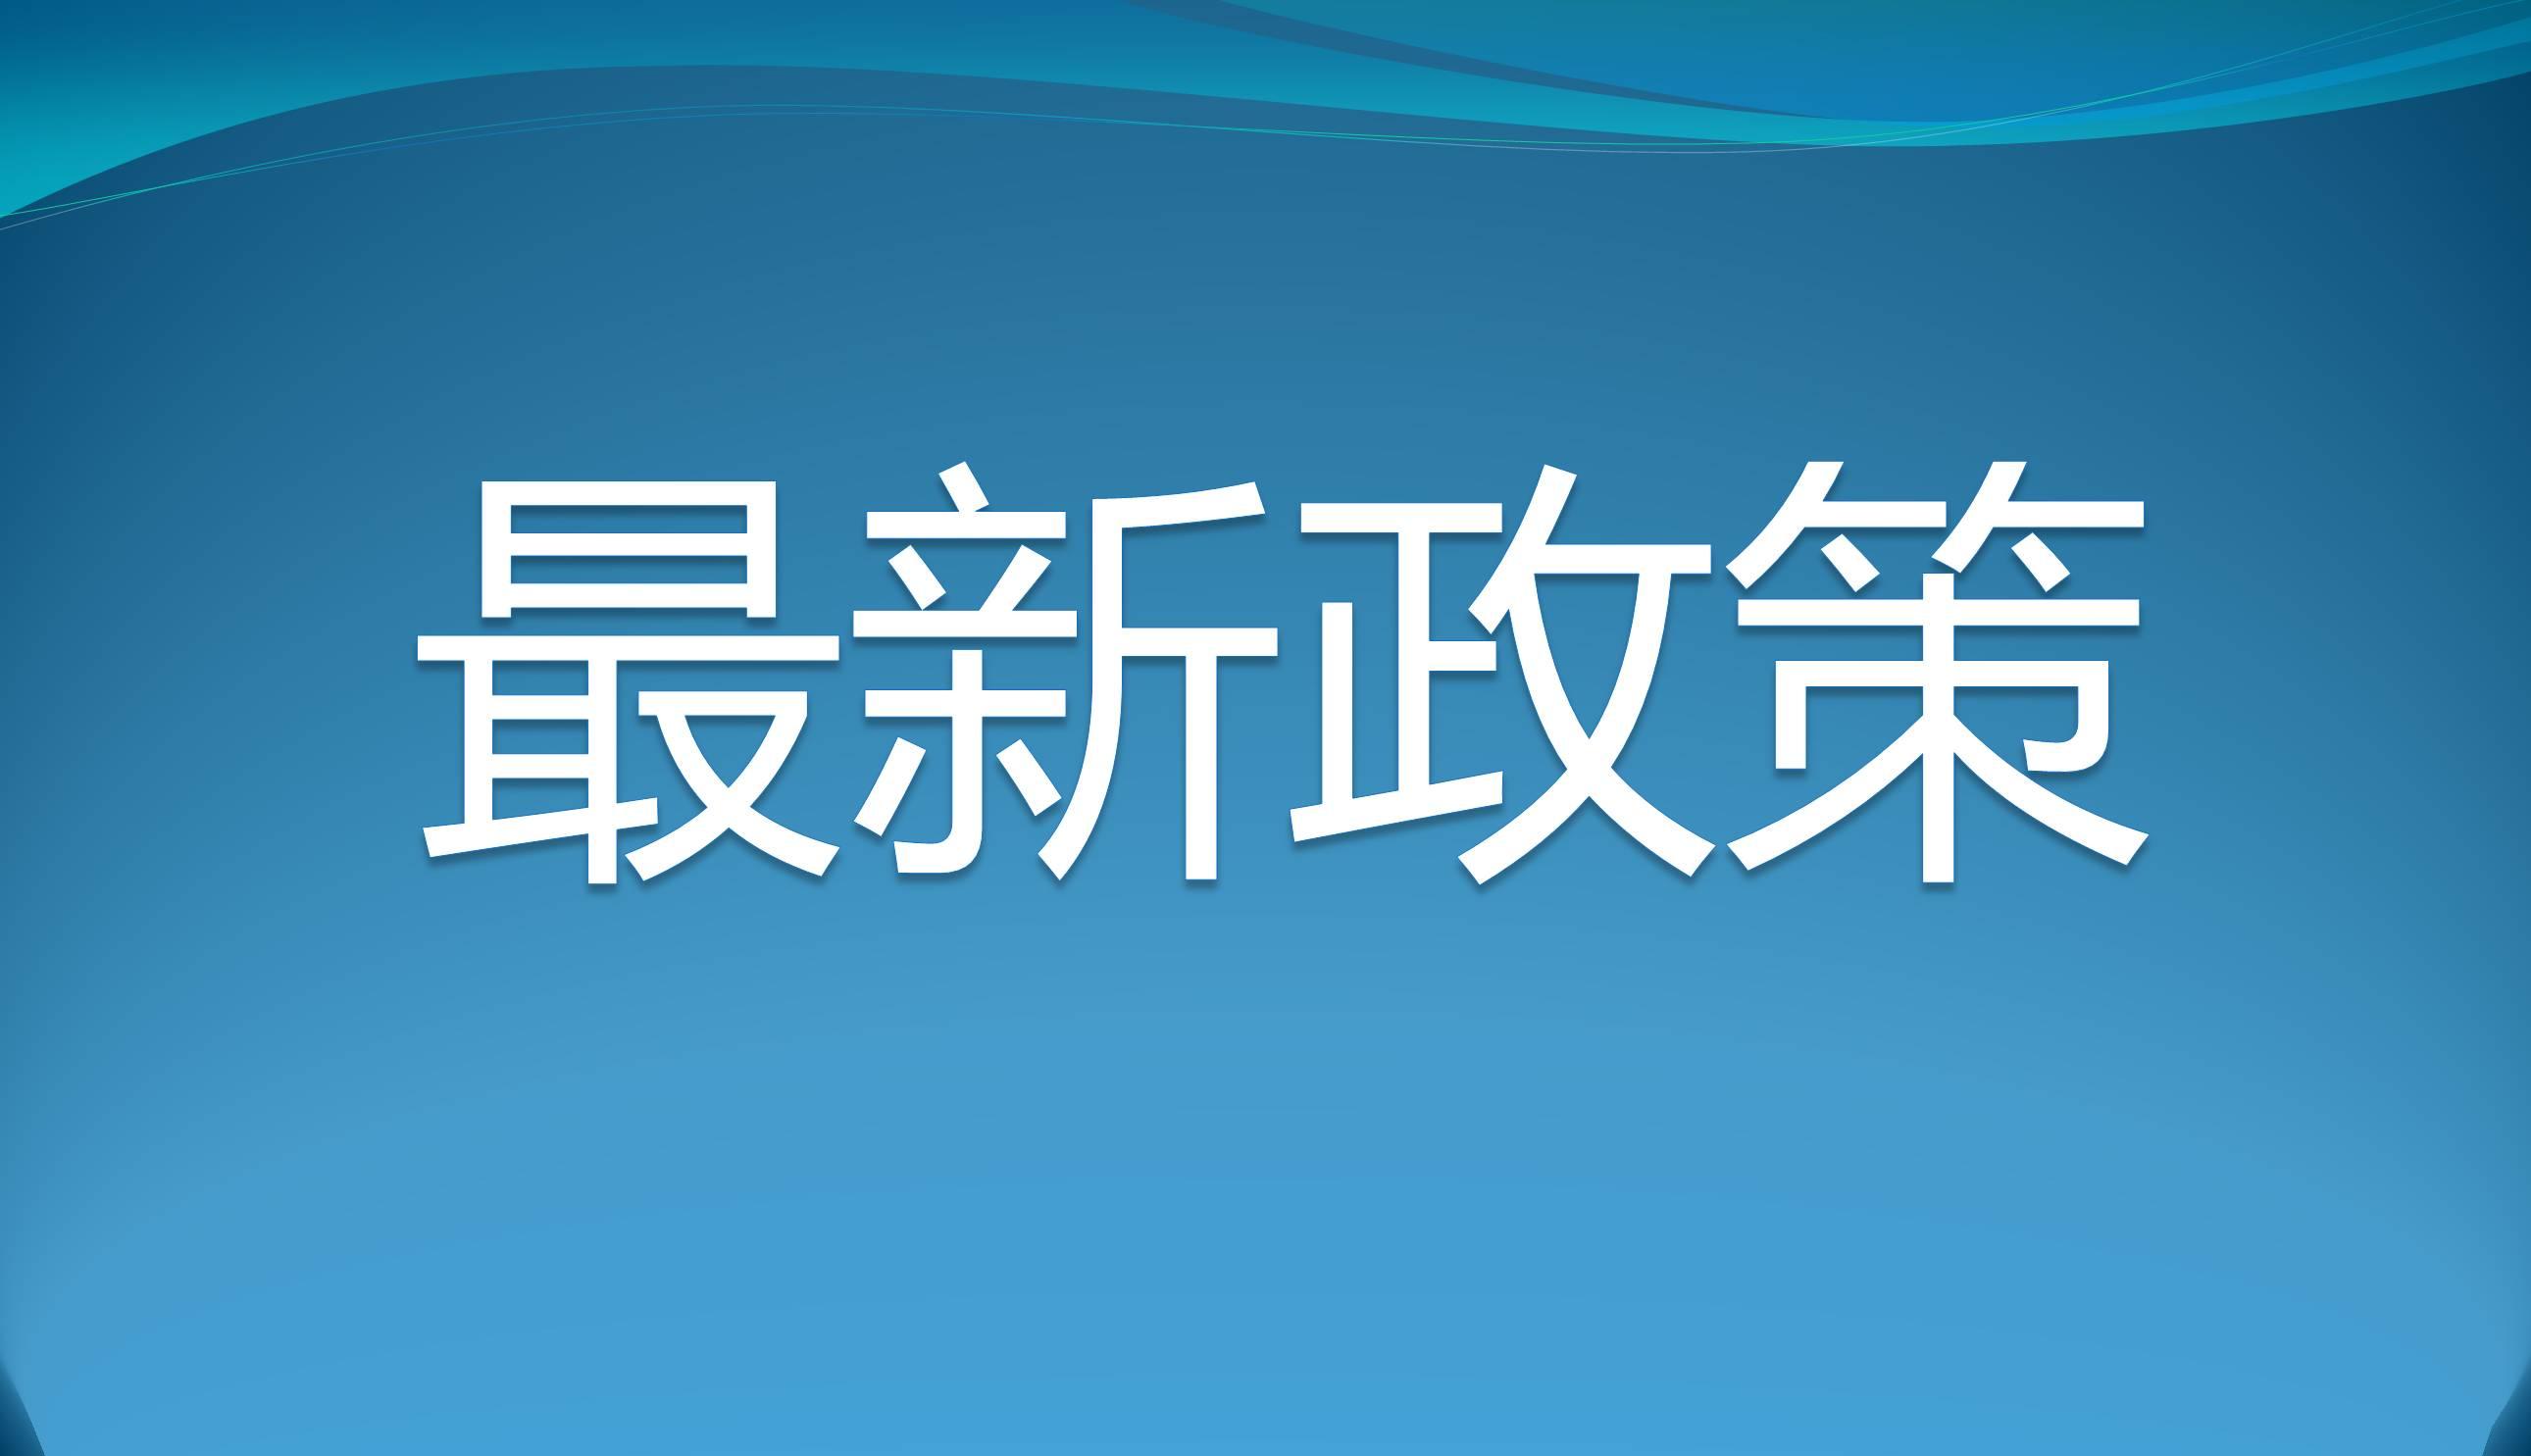 商标局提升商标质押登记服务水平的四项措施